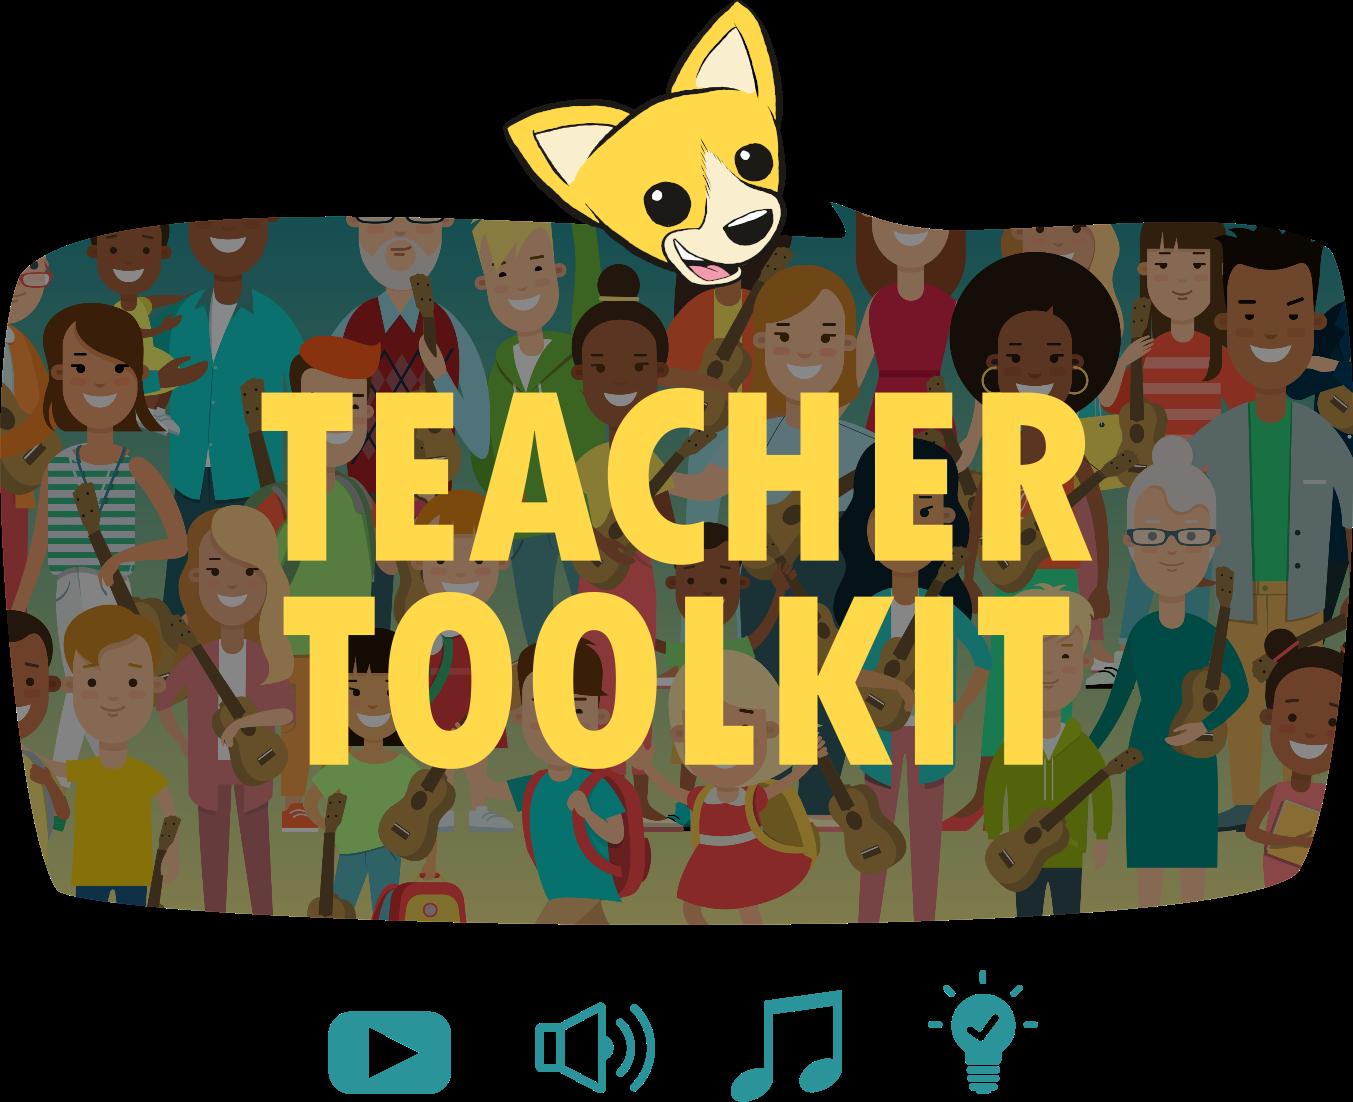 Teacher Toolkit